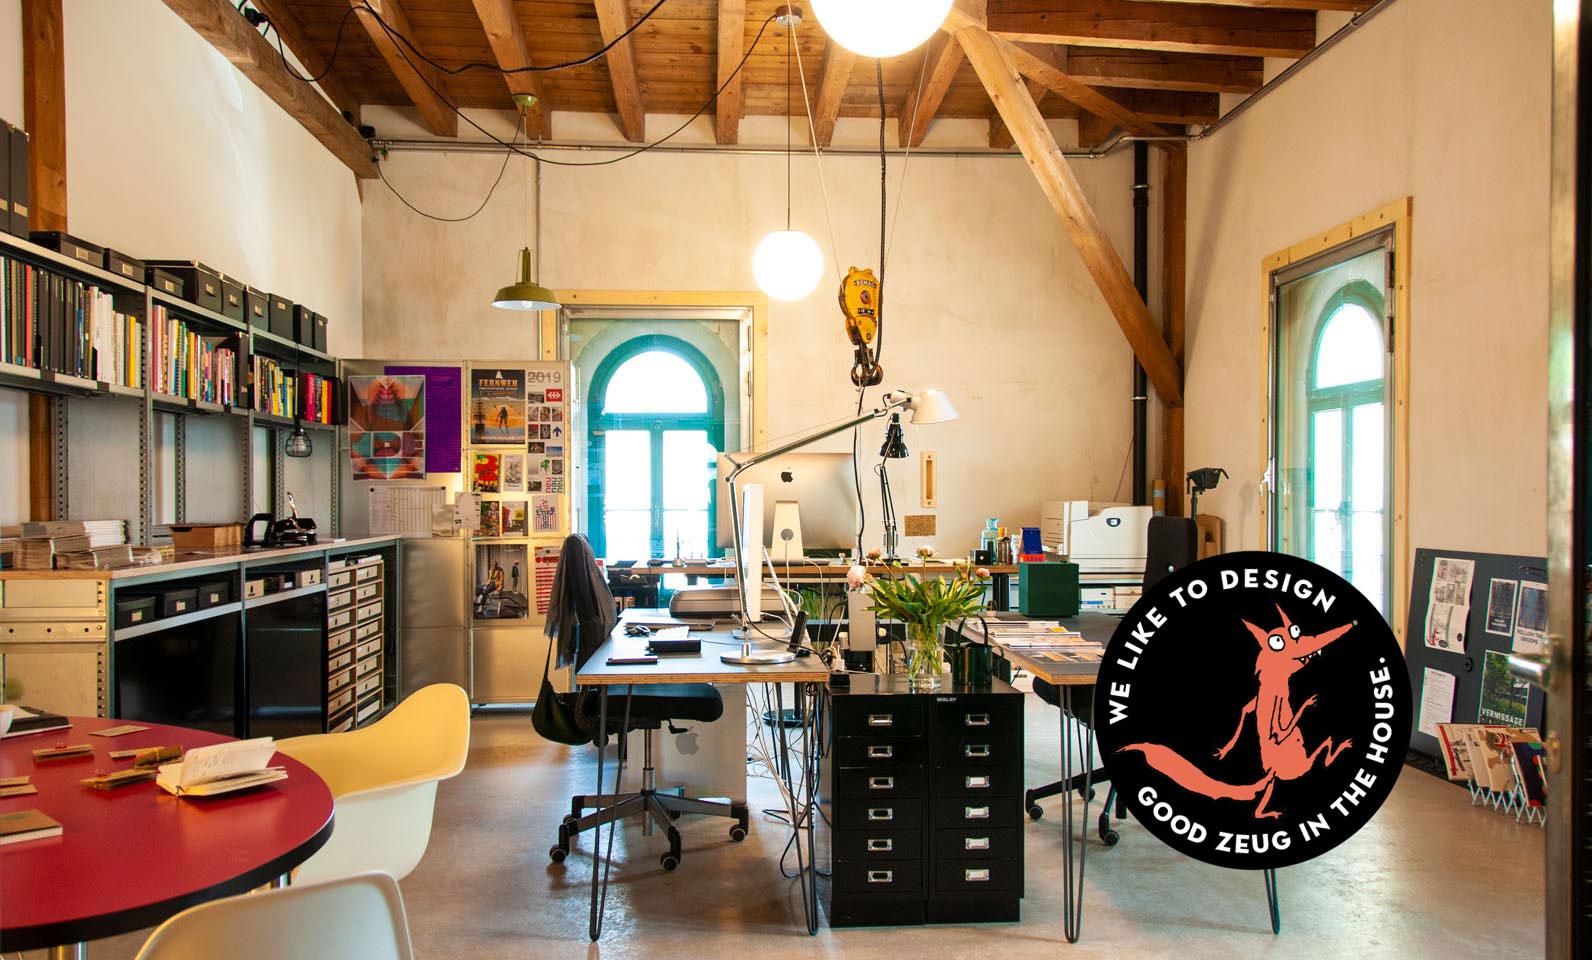 Das Atelier JoosWolfangel ist neu im Zeughaus1, Winterthur.